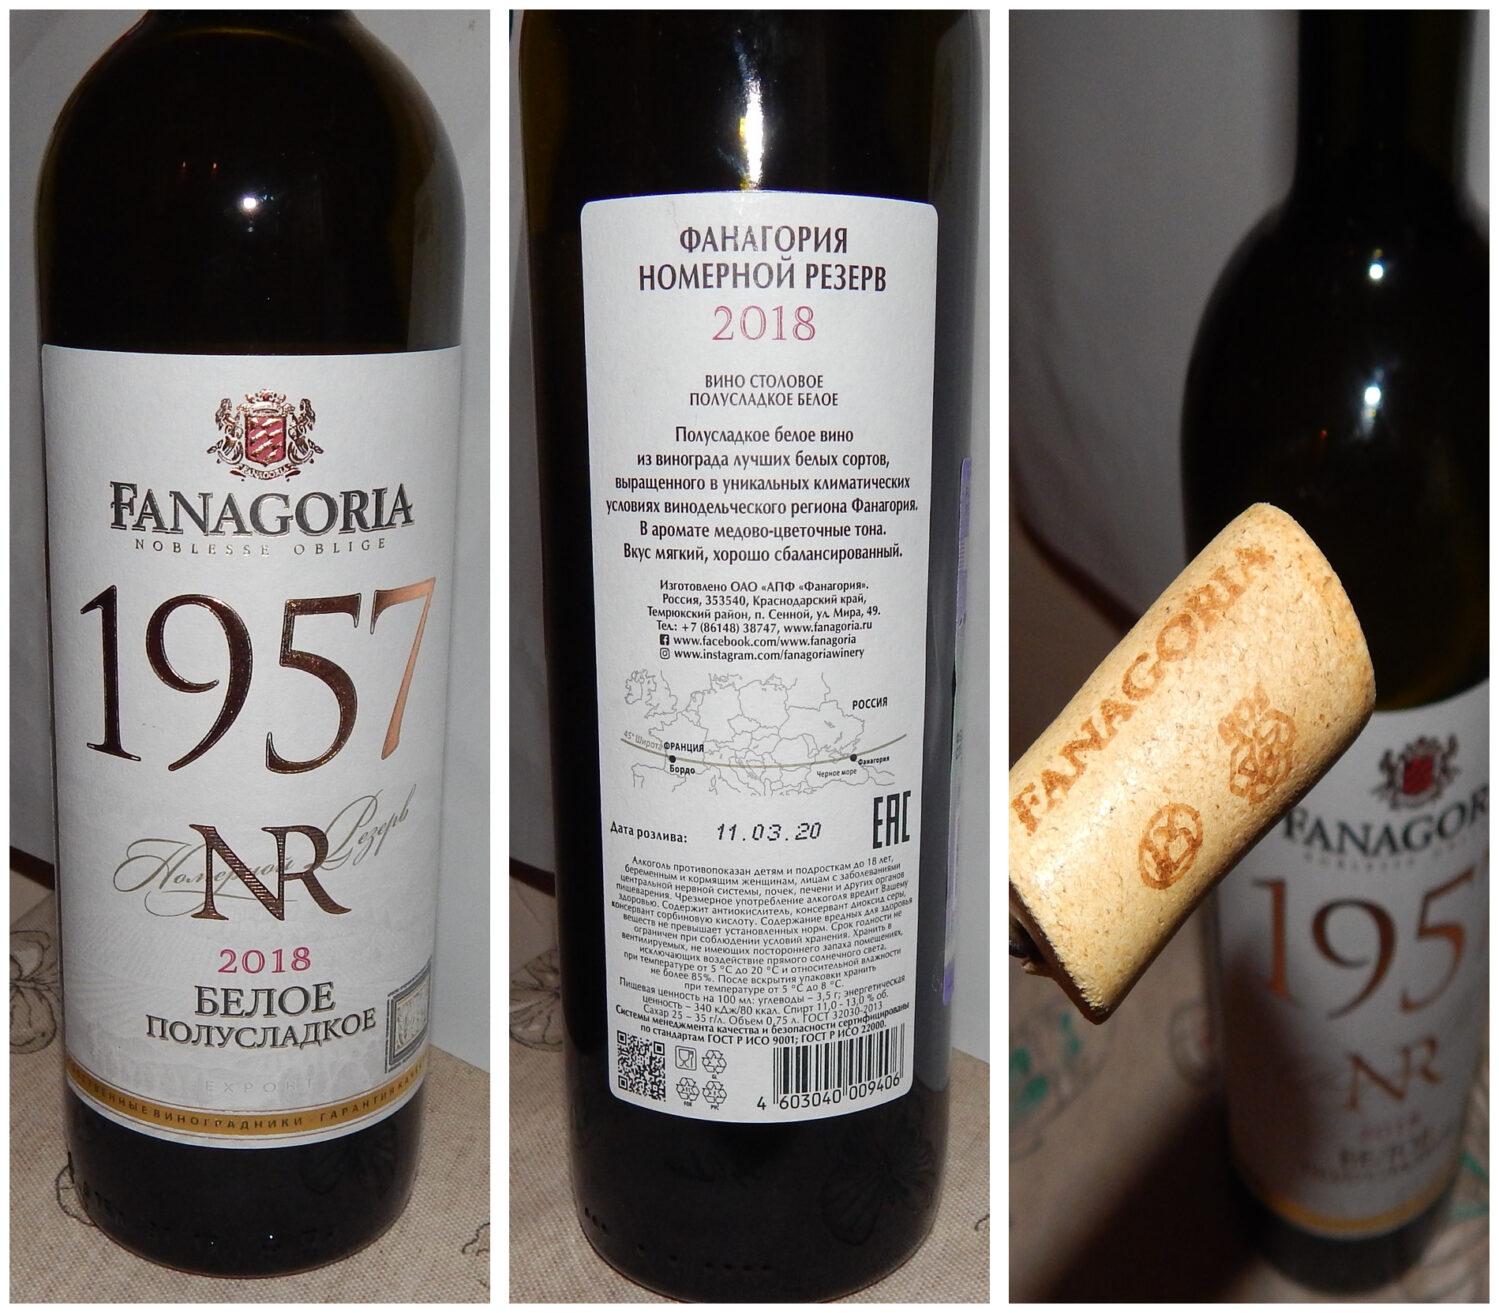 phanagoria white semi-sweet wine